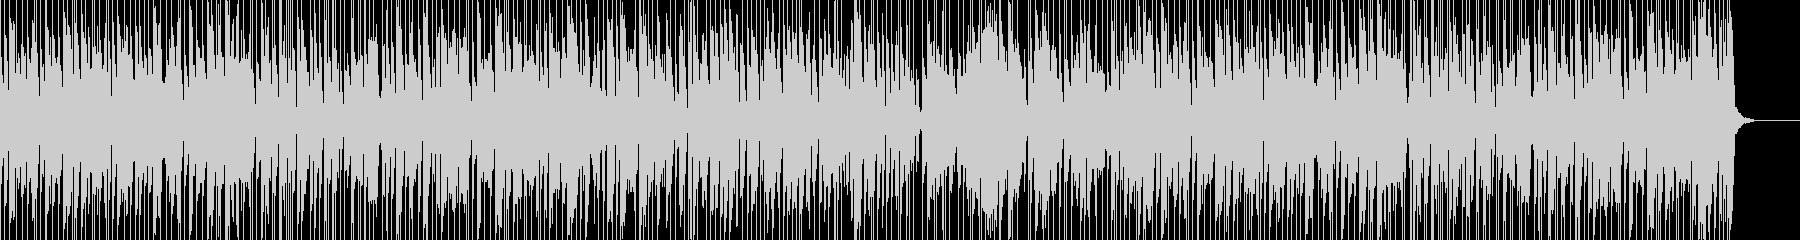 お洒落でキャッチーなジャズピアノトリオ6の未再生の波形